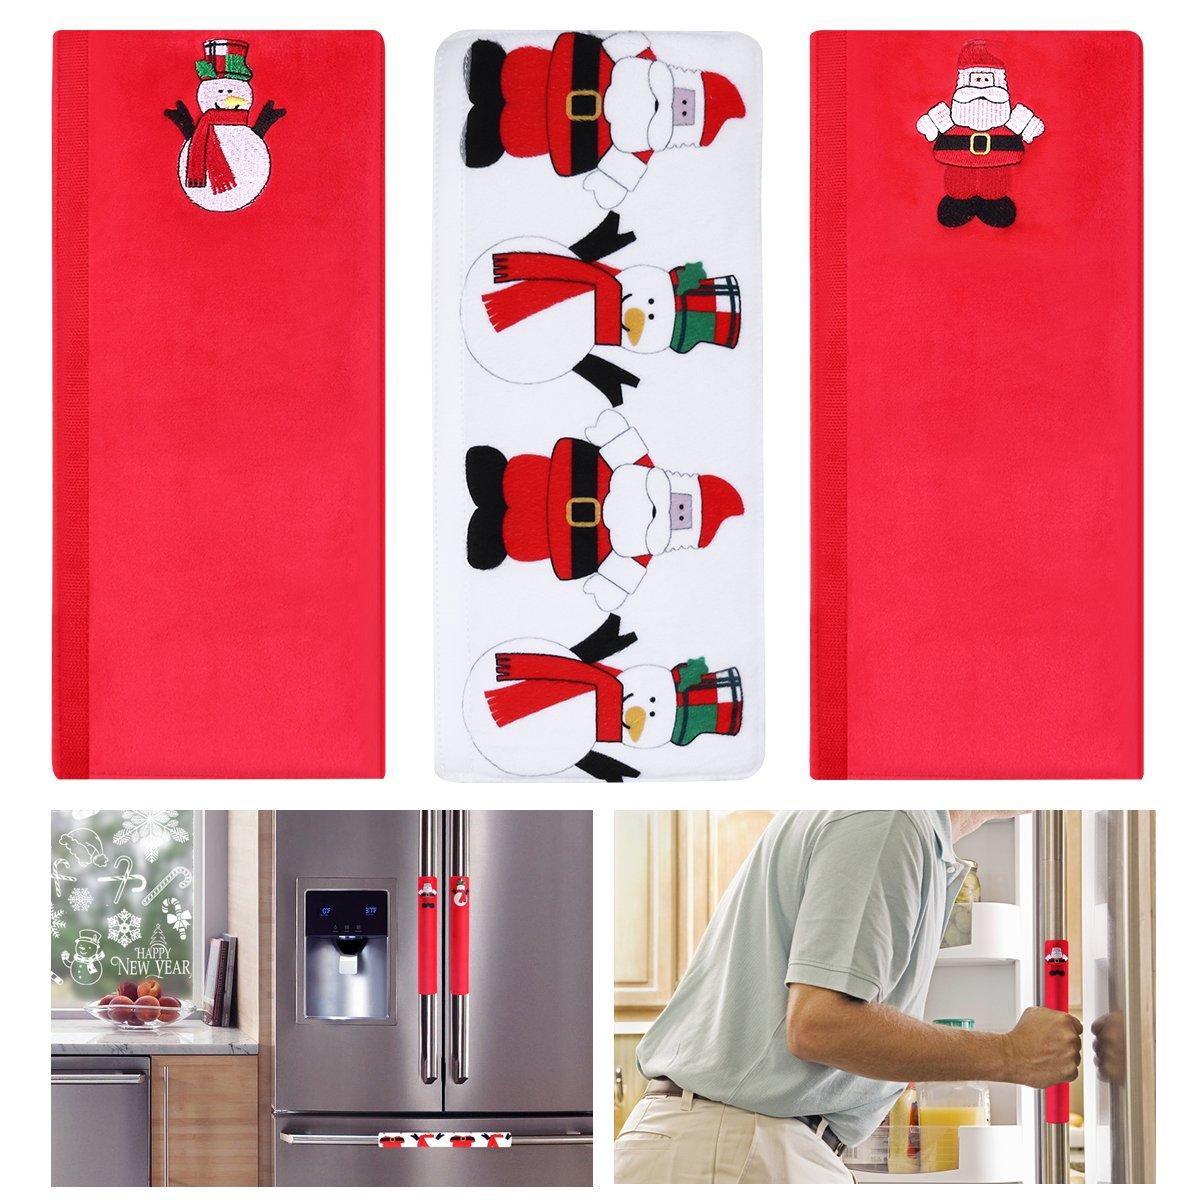 Tinksky Maniglie della porta della porta del frigorifero di Natale Forno a microonde Lavastoviglie Apparecchiature per la cucina Guanti protettivi Protezione del panno del pattino porta 3 pezzi